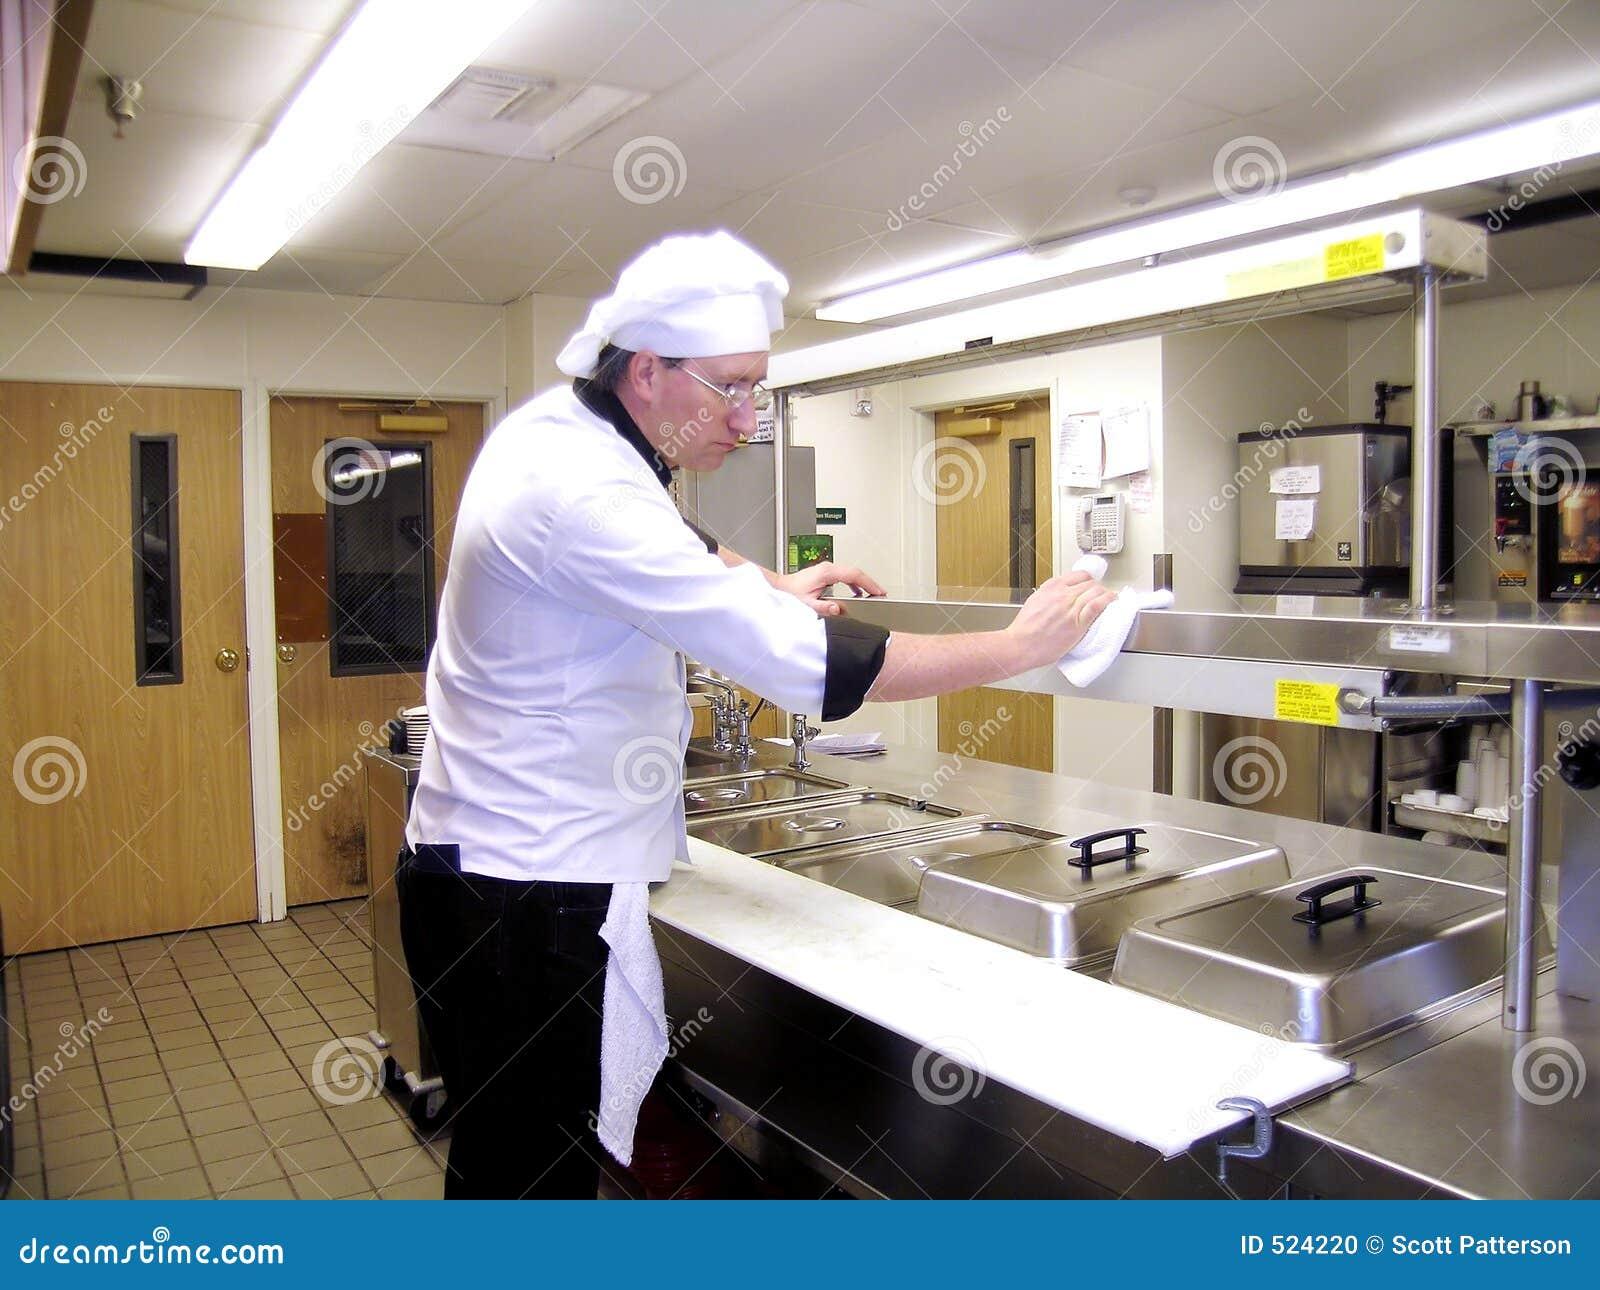 Limpieza de la cocina foto de archivo imagen 524220 - Limpieza azulejos cocina ...